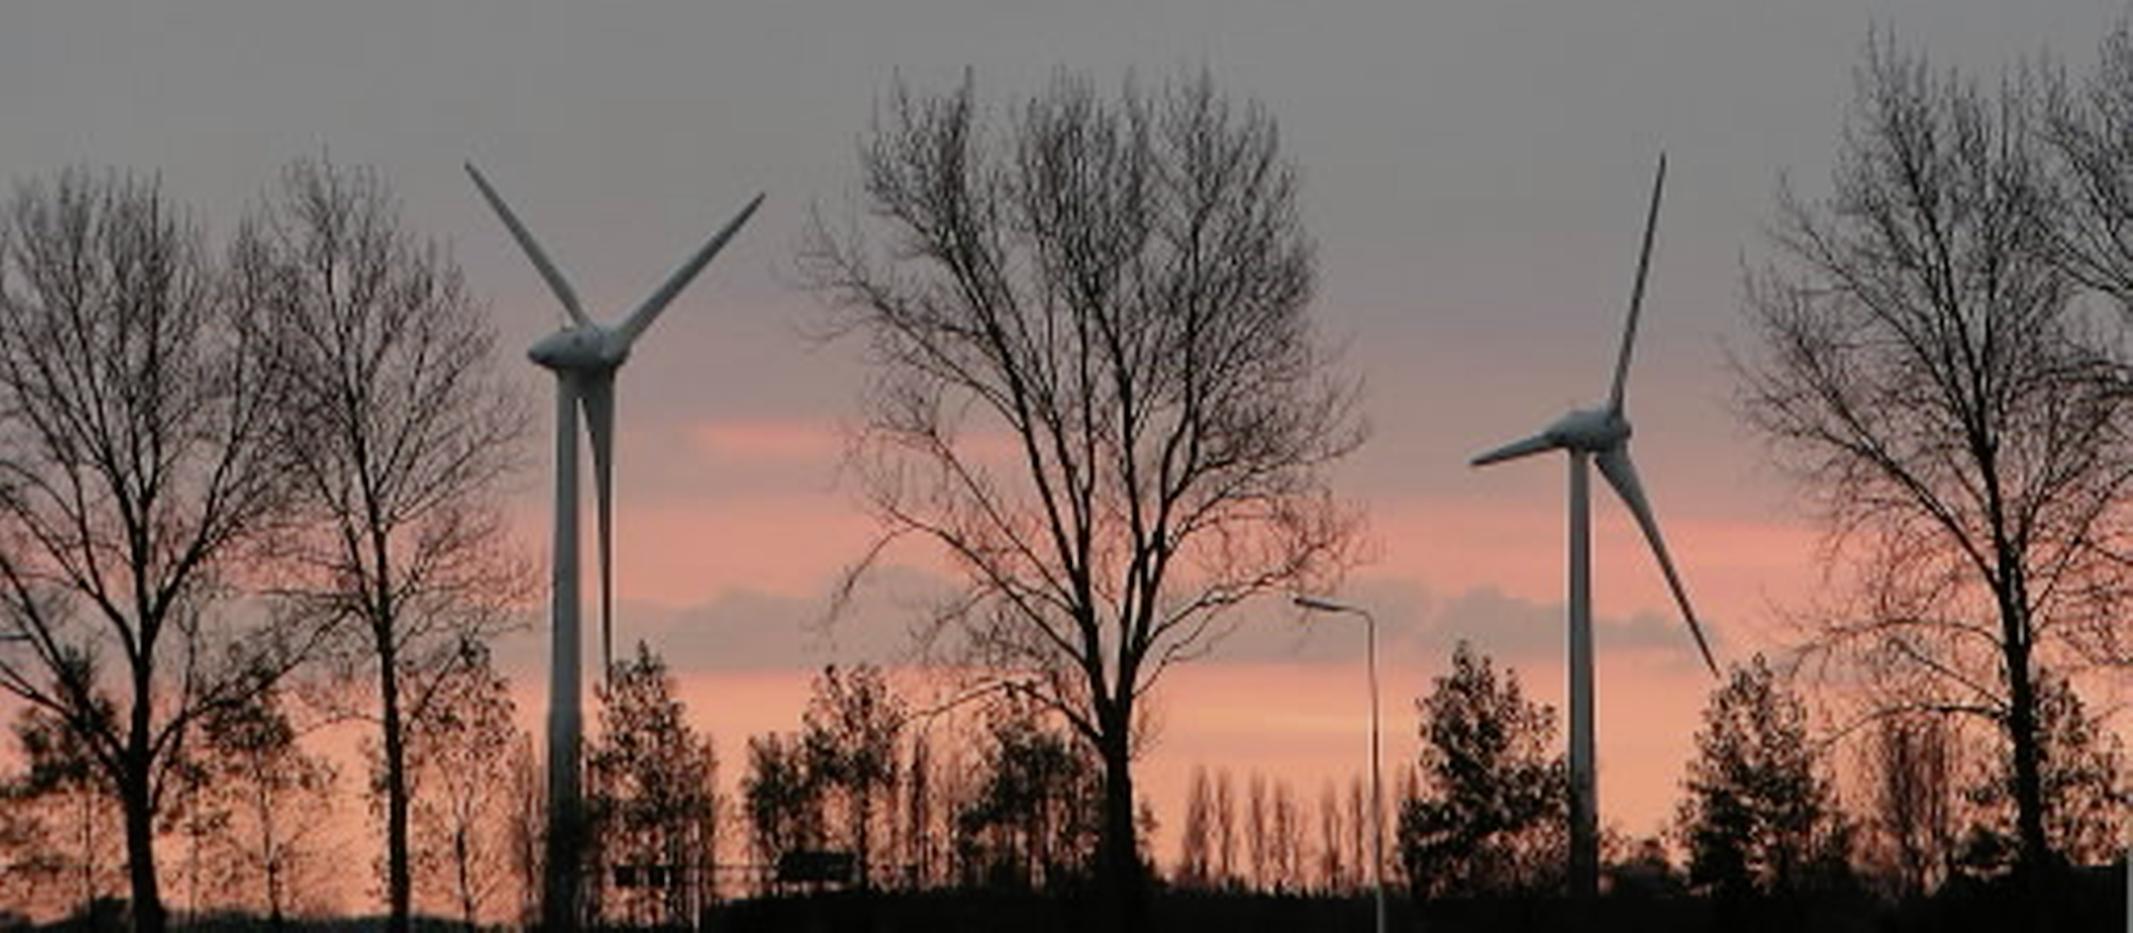 Langedijk houdt wèl vast aan minimale afstand van zeshonderd meters tussen bebouwing en windturbines